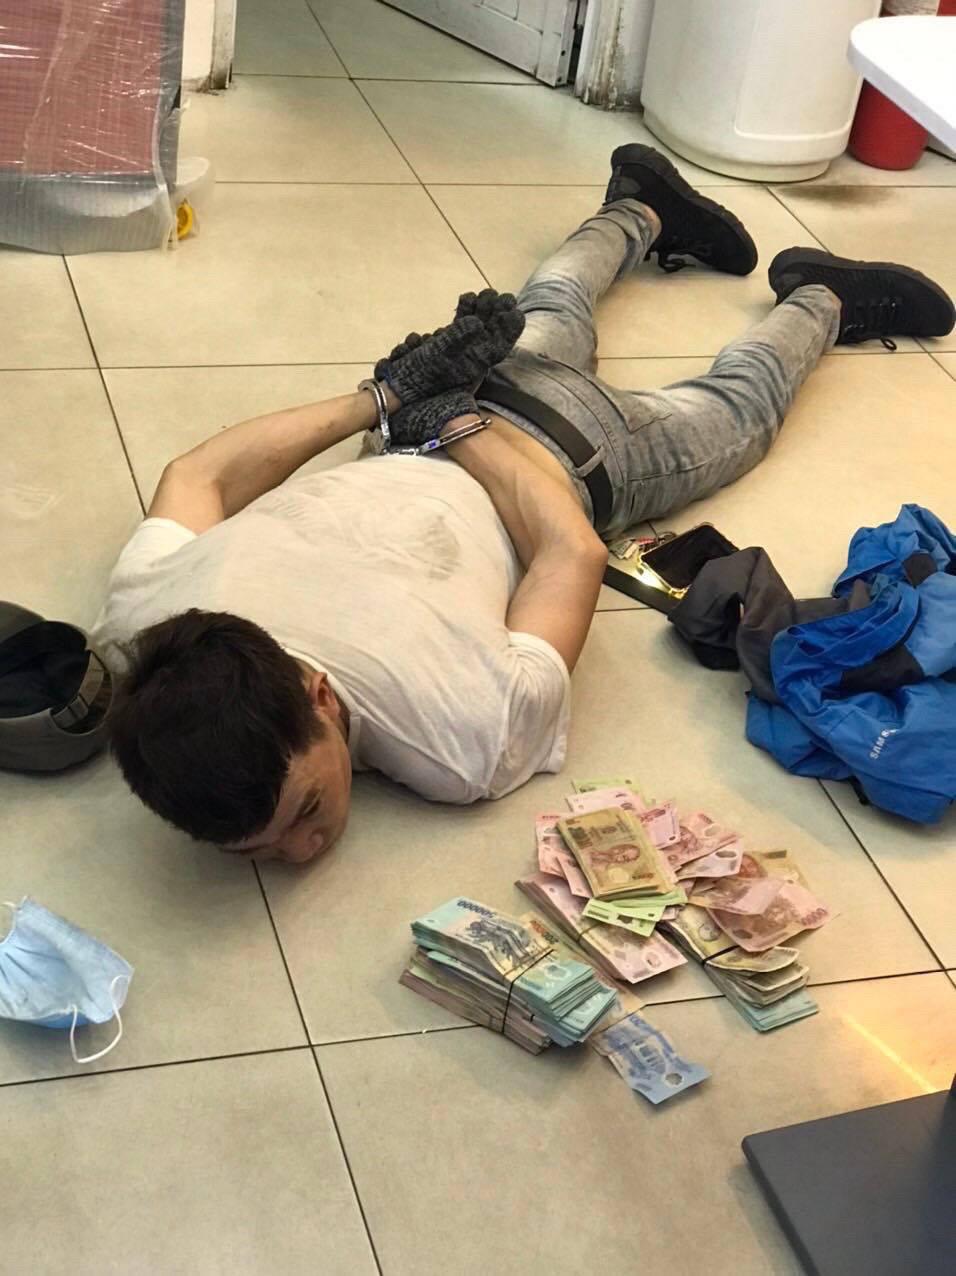 Bắt giữ 'siêu trộm': 1 mình đục tường, đu dây lấy trộm 120 triệu của cửa hàng FPT shop - Ảnh 1